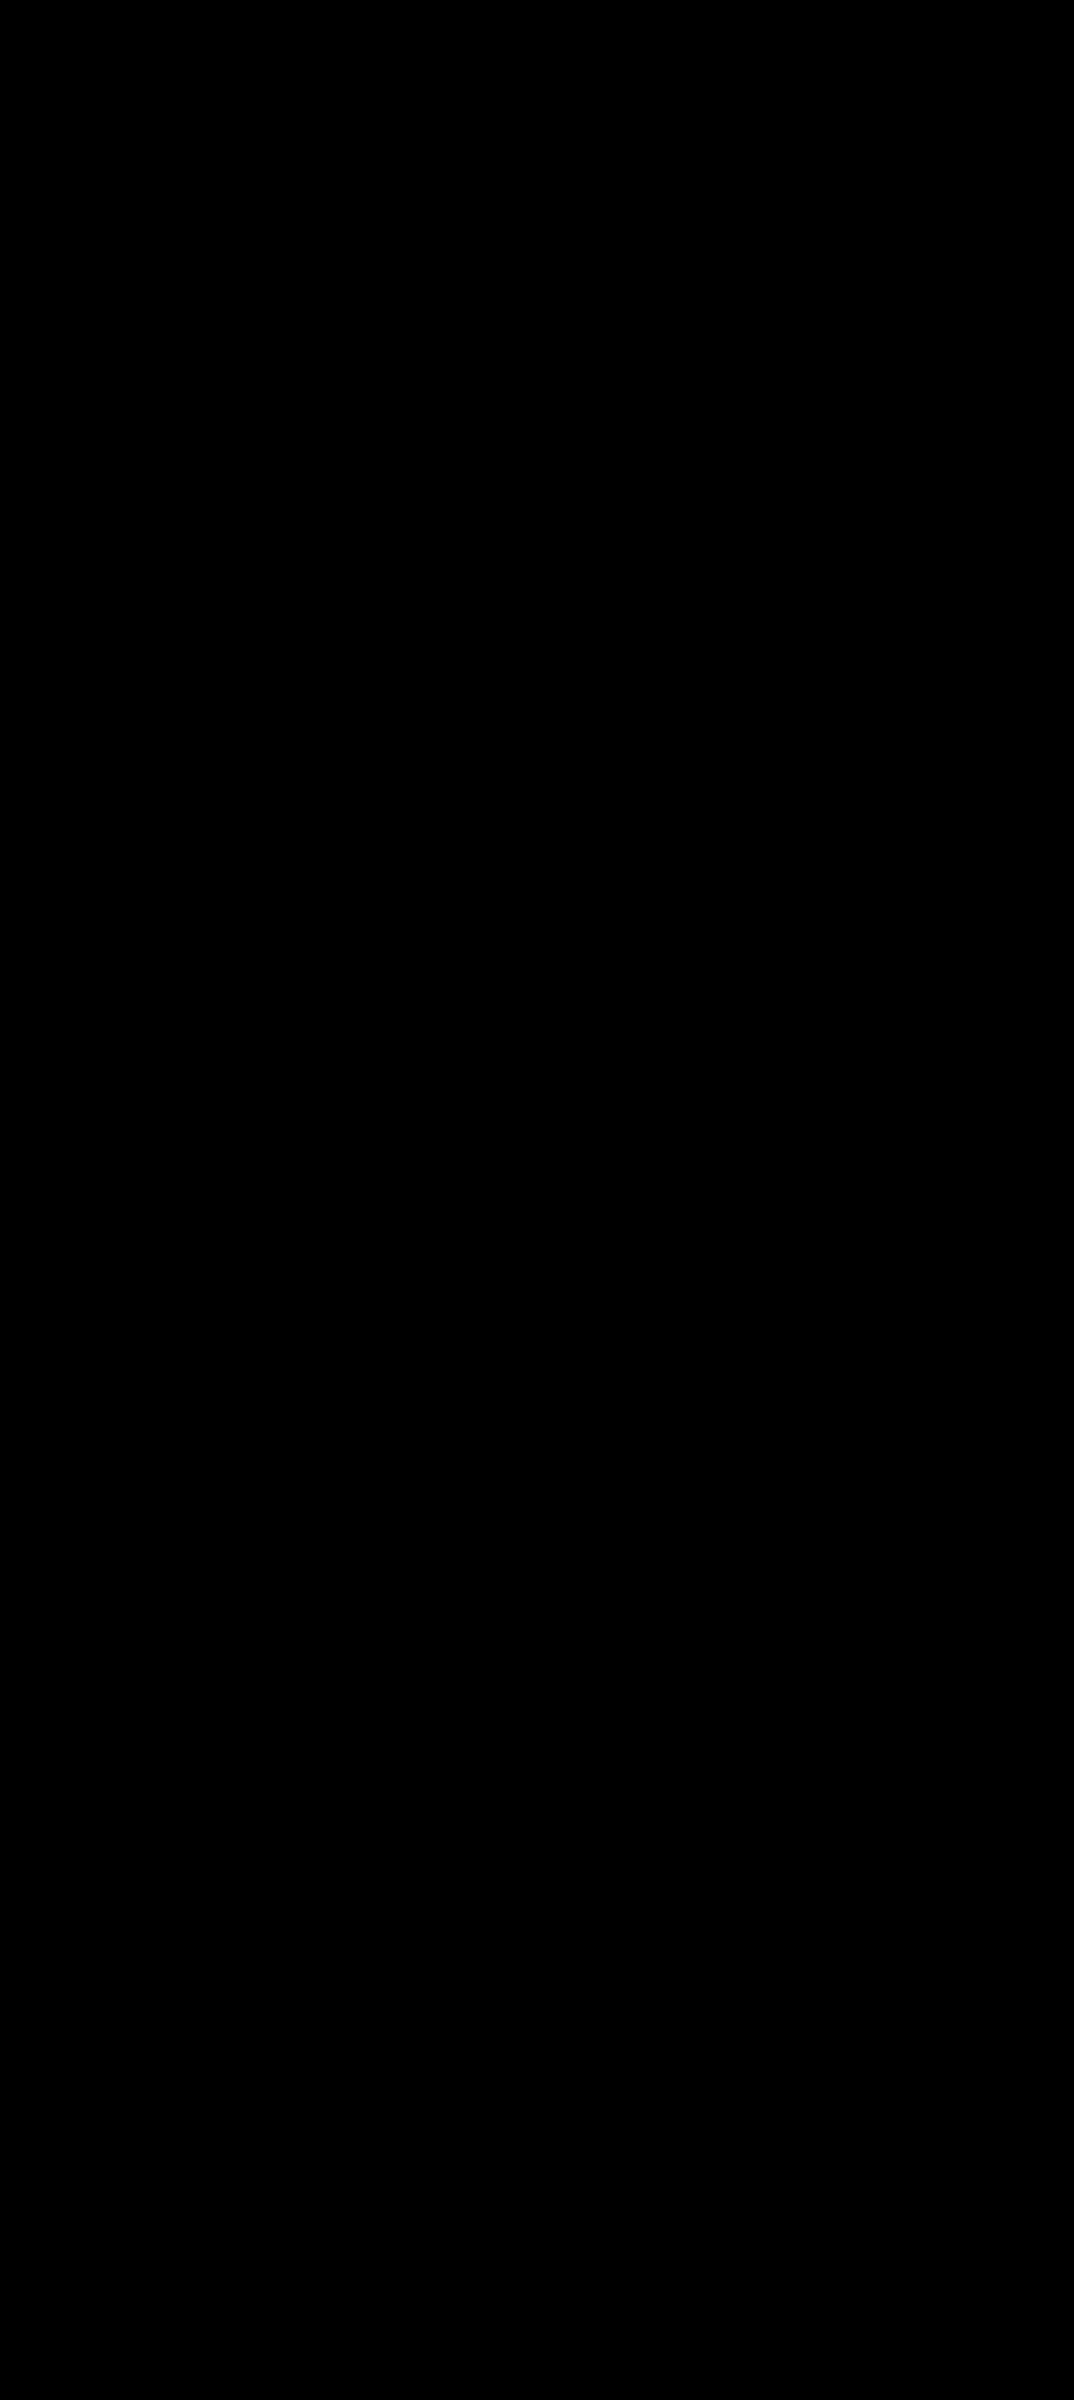 Stick Figure PNG HD - 129670